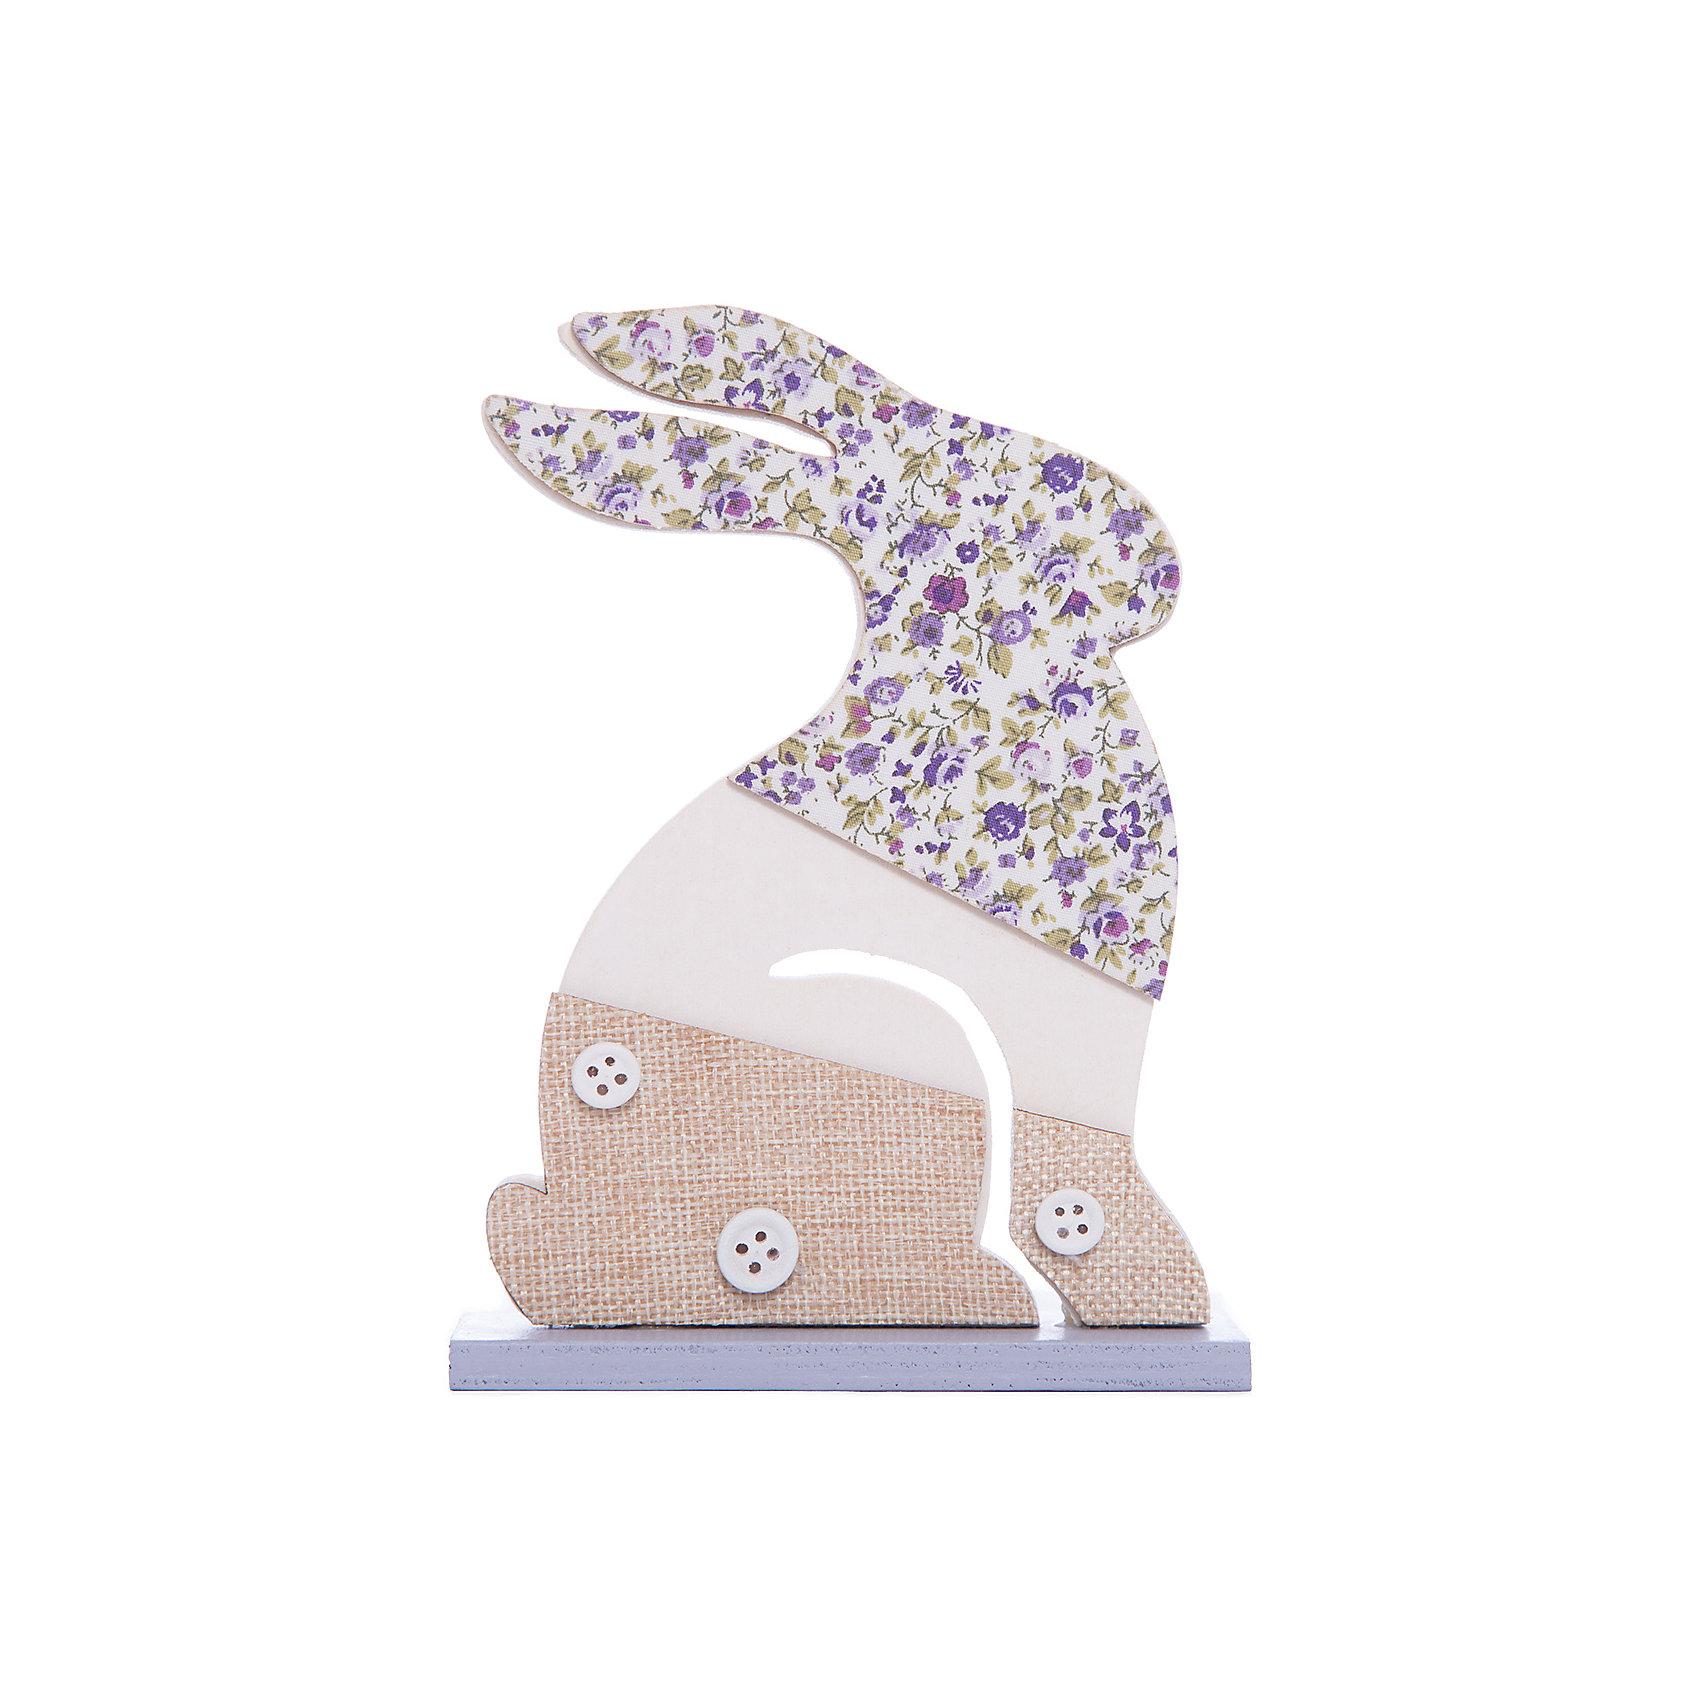 Фигурка декоративная  из древесины павловнии с аппликацией, 11*4*15, Феникс-Презент